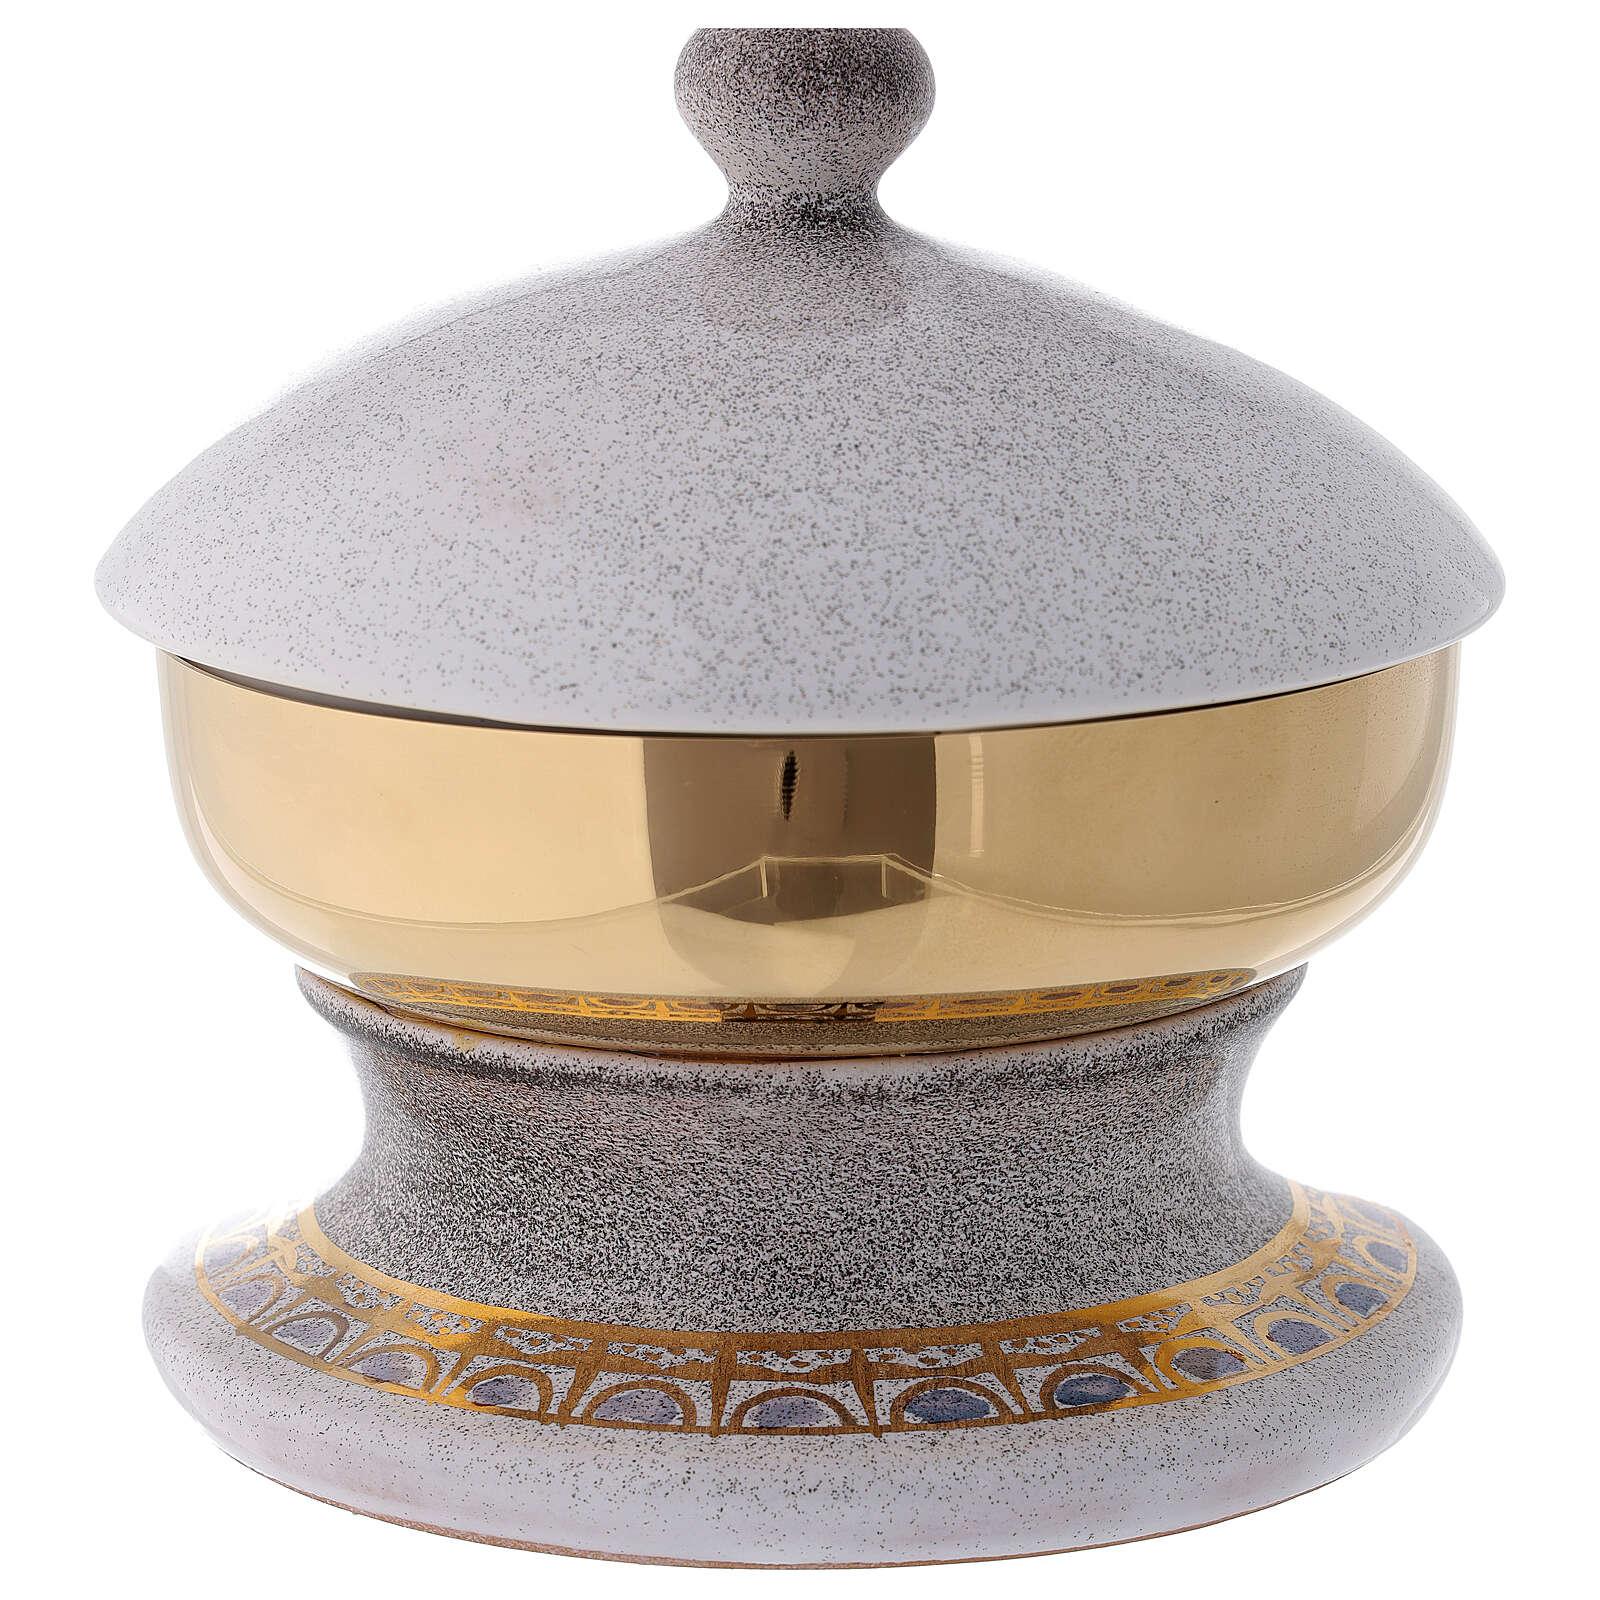 STOCK Ciboire céramique blanche laiton doré décoration pain et poissons diam. 15 cm 4